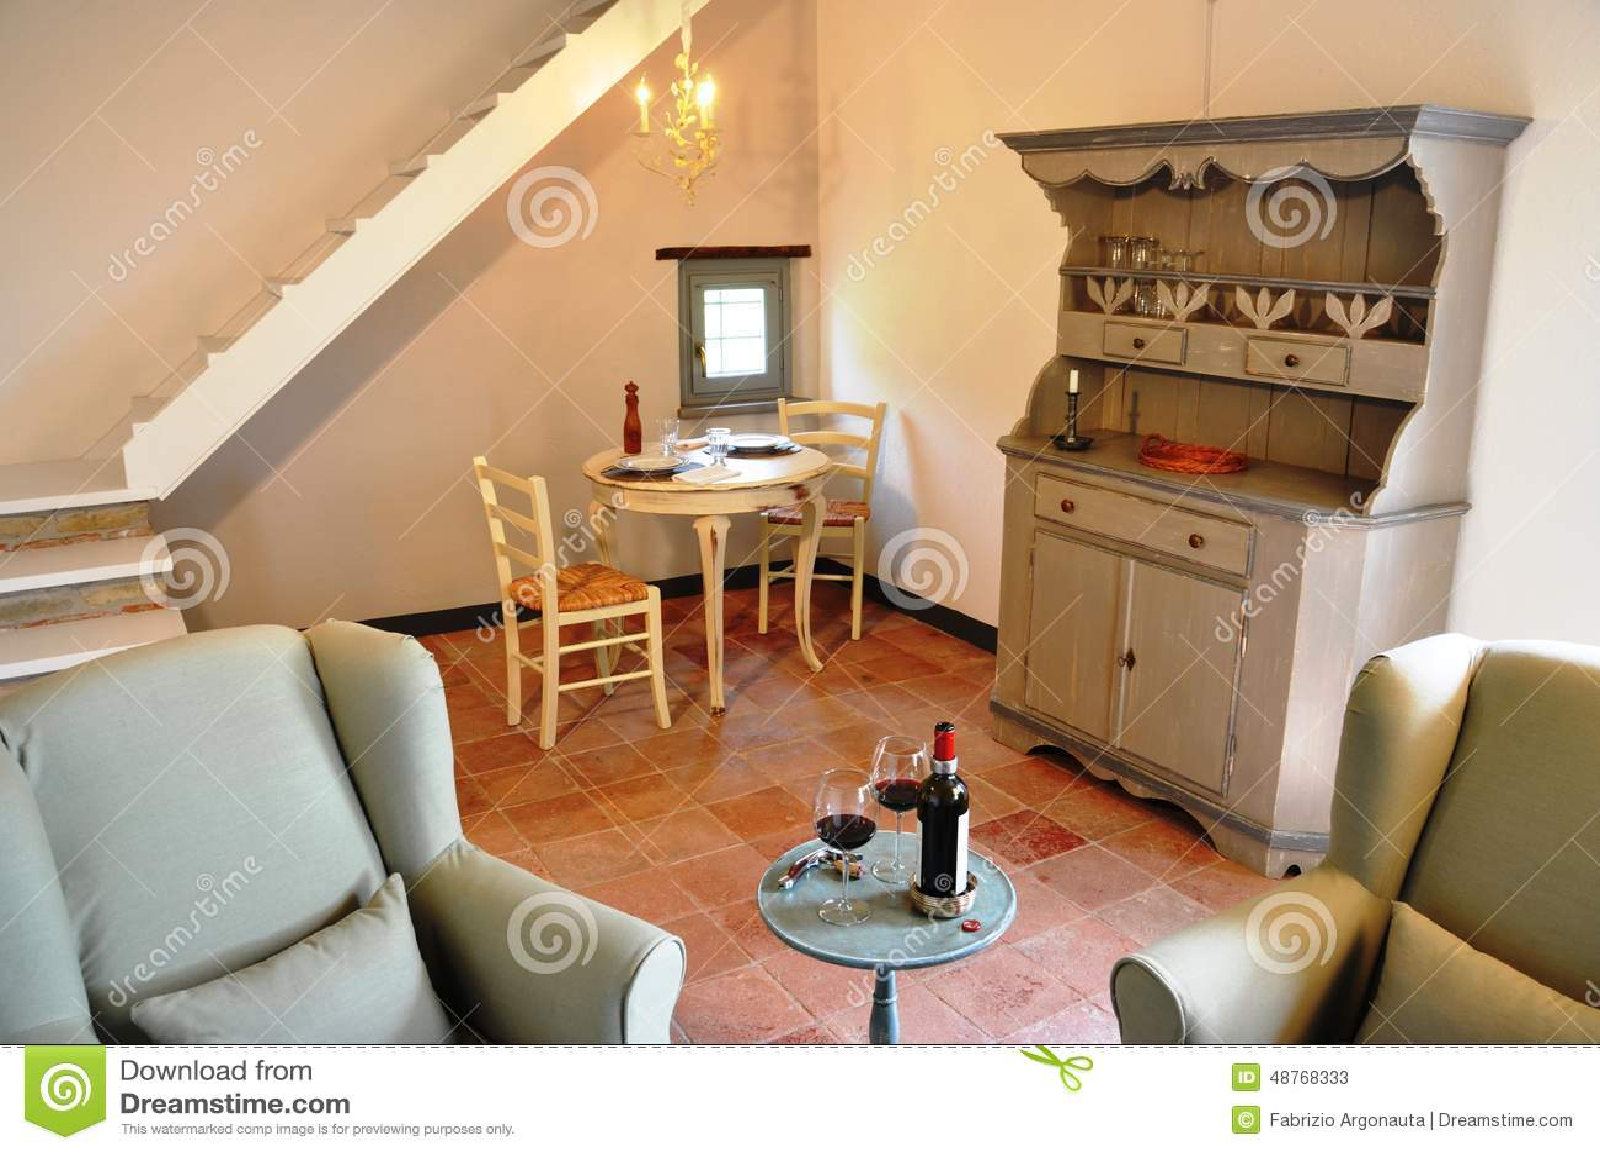 Salon de style campagnard dans une maison italienne photo for Maison style campagnard